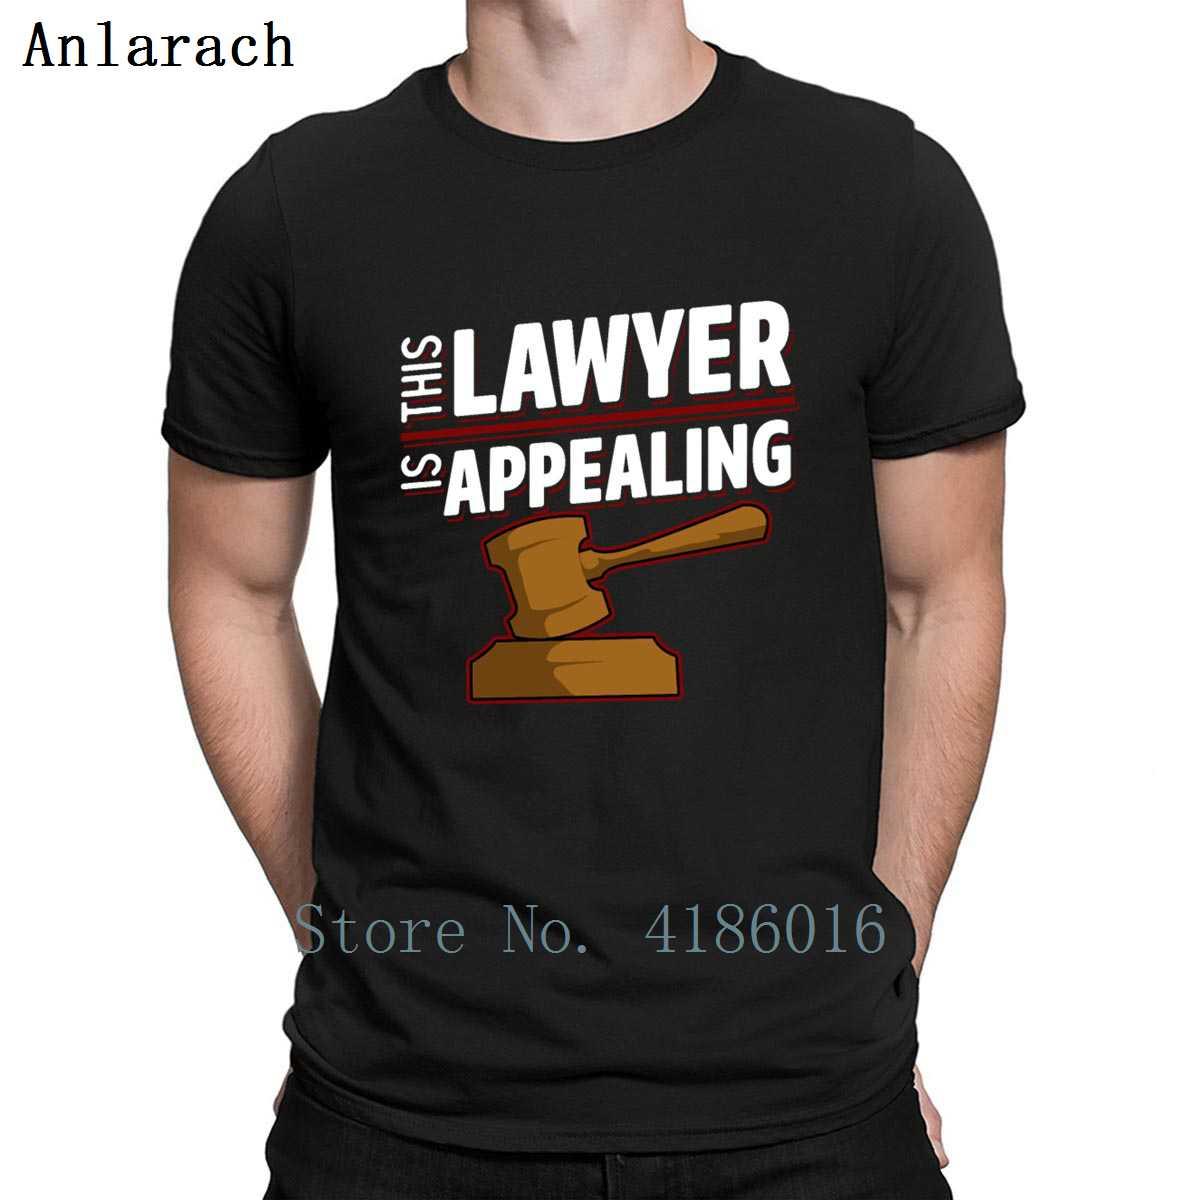 Este advogado é atraente engraçado estudante de direito t camisa algodão bonito S-5XL projetos padrão novo estilo unisex primavera outono camisa